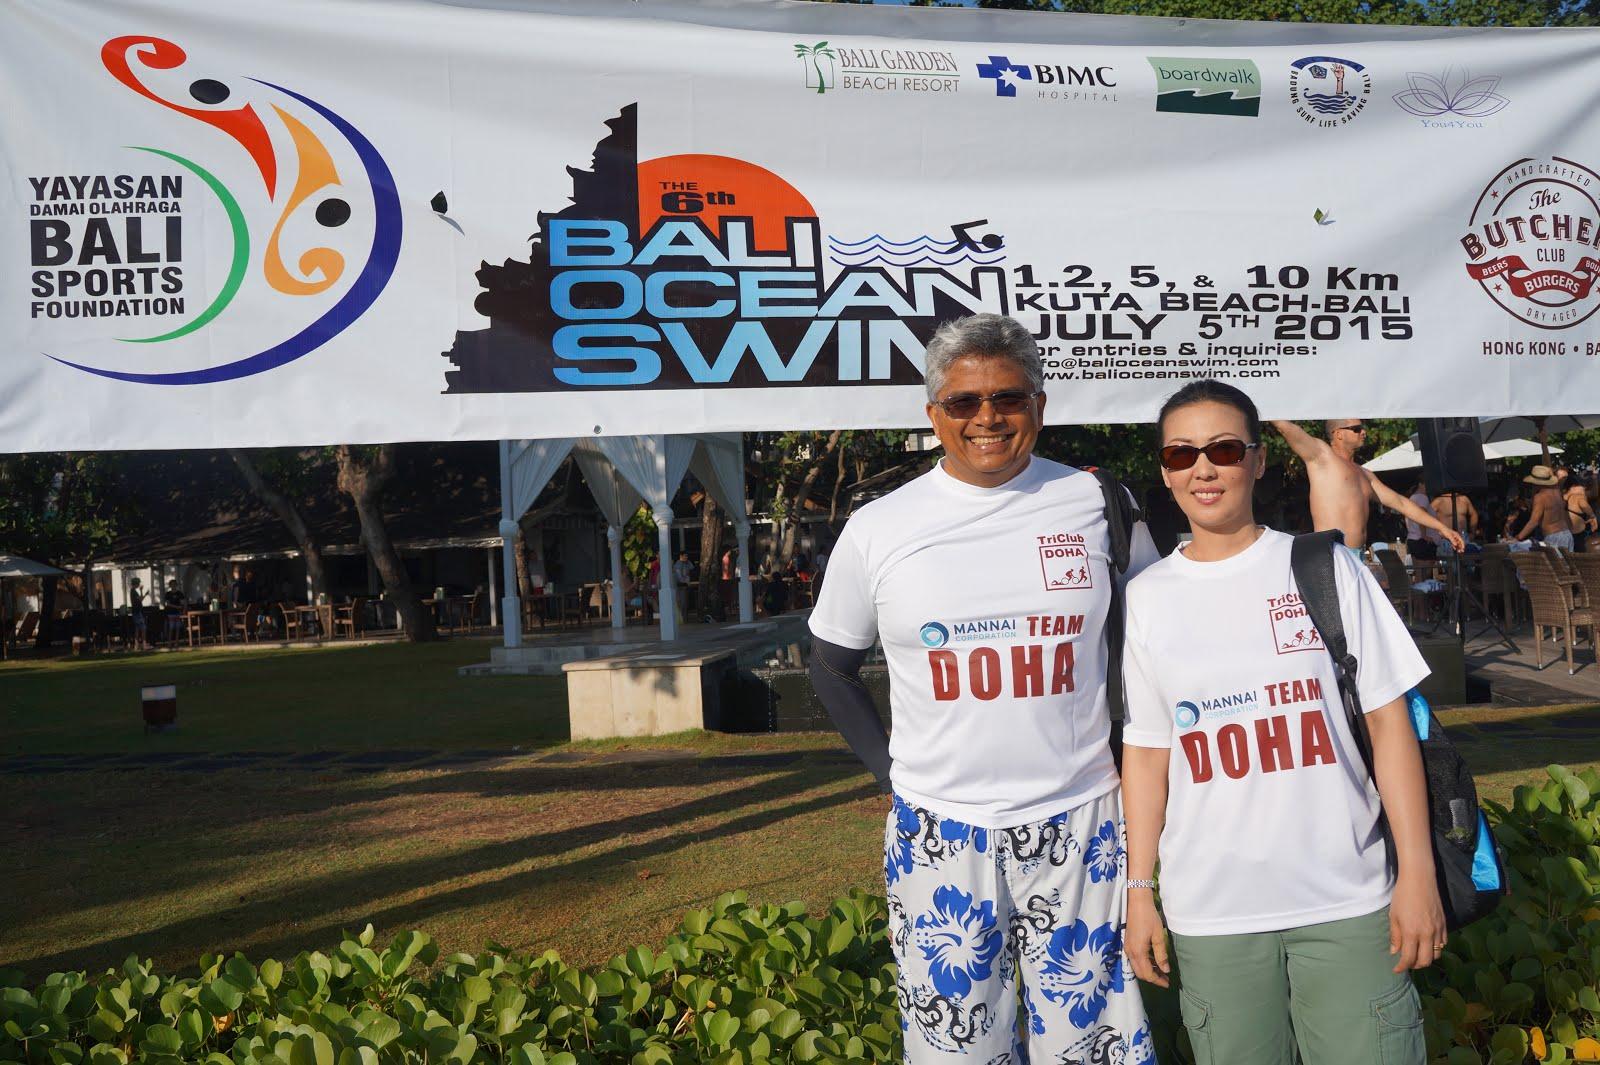 Bali 10 km Ocean Swim (5 July 2015)